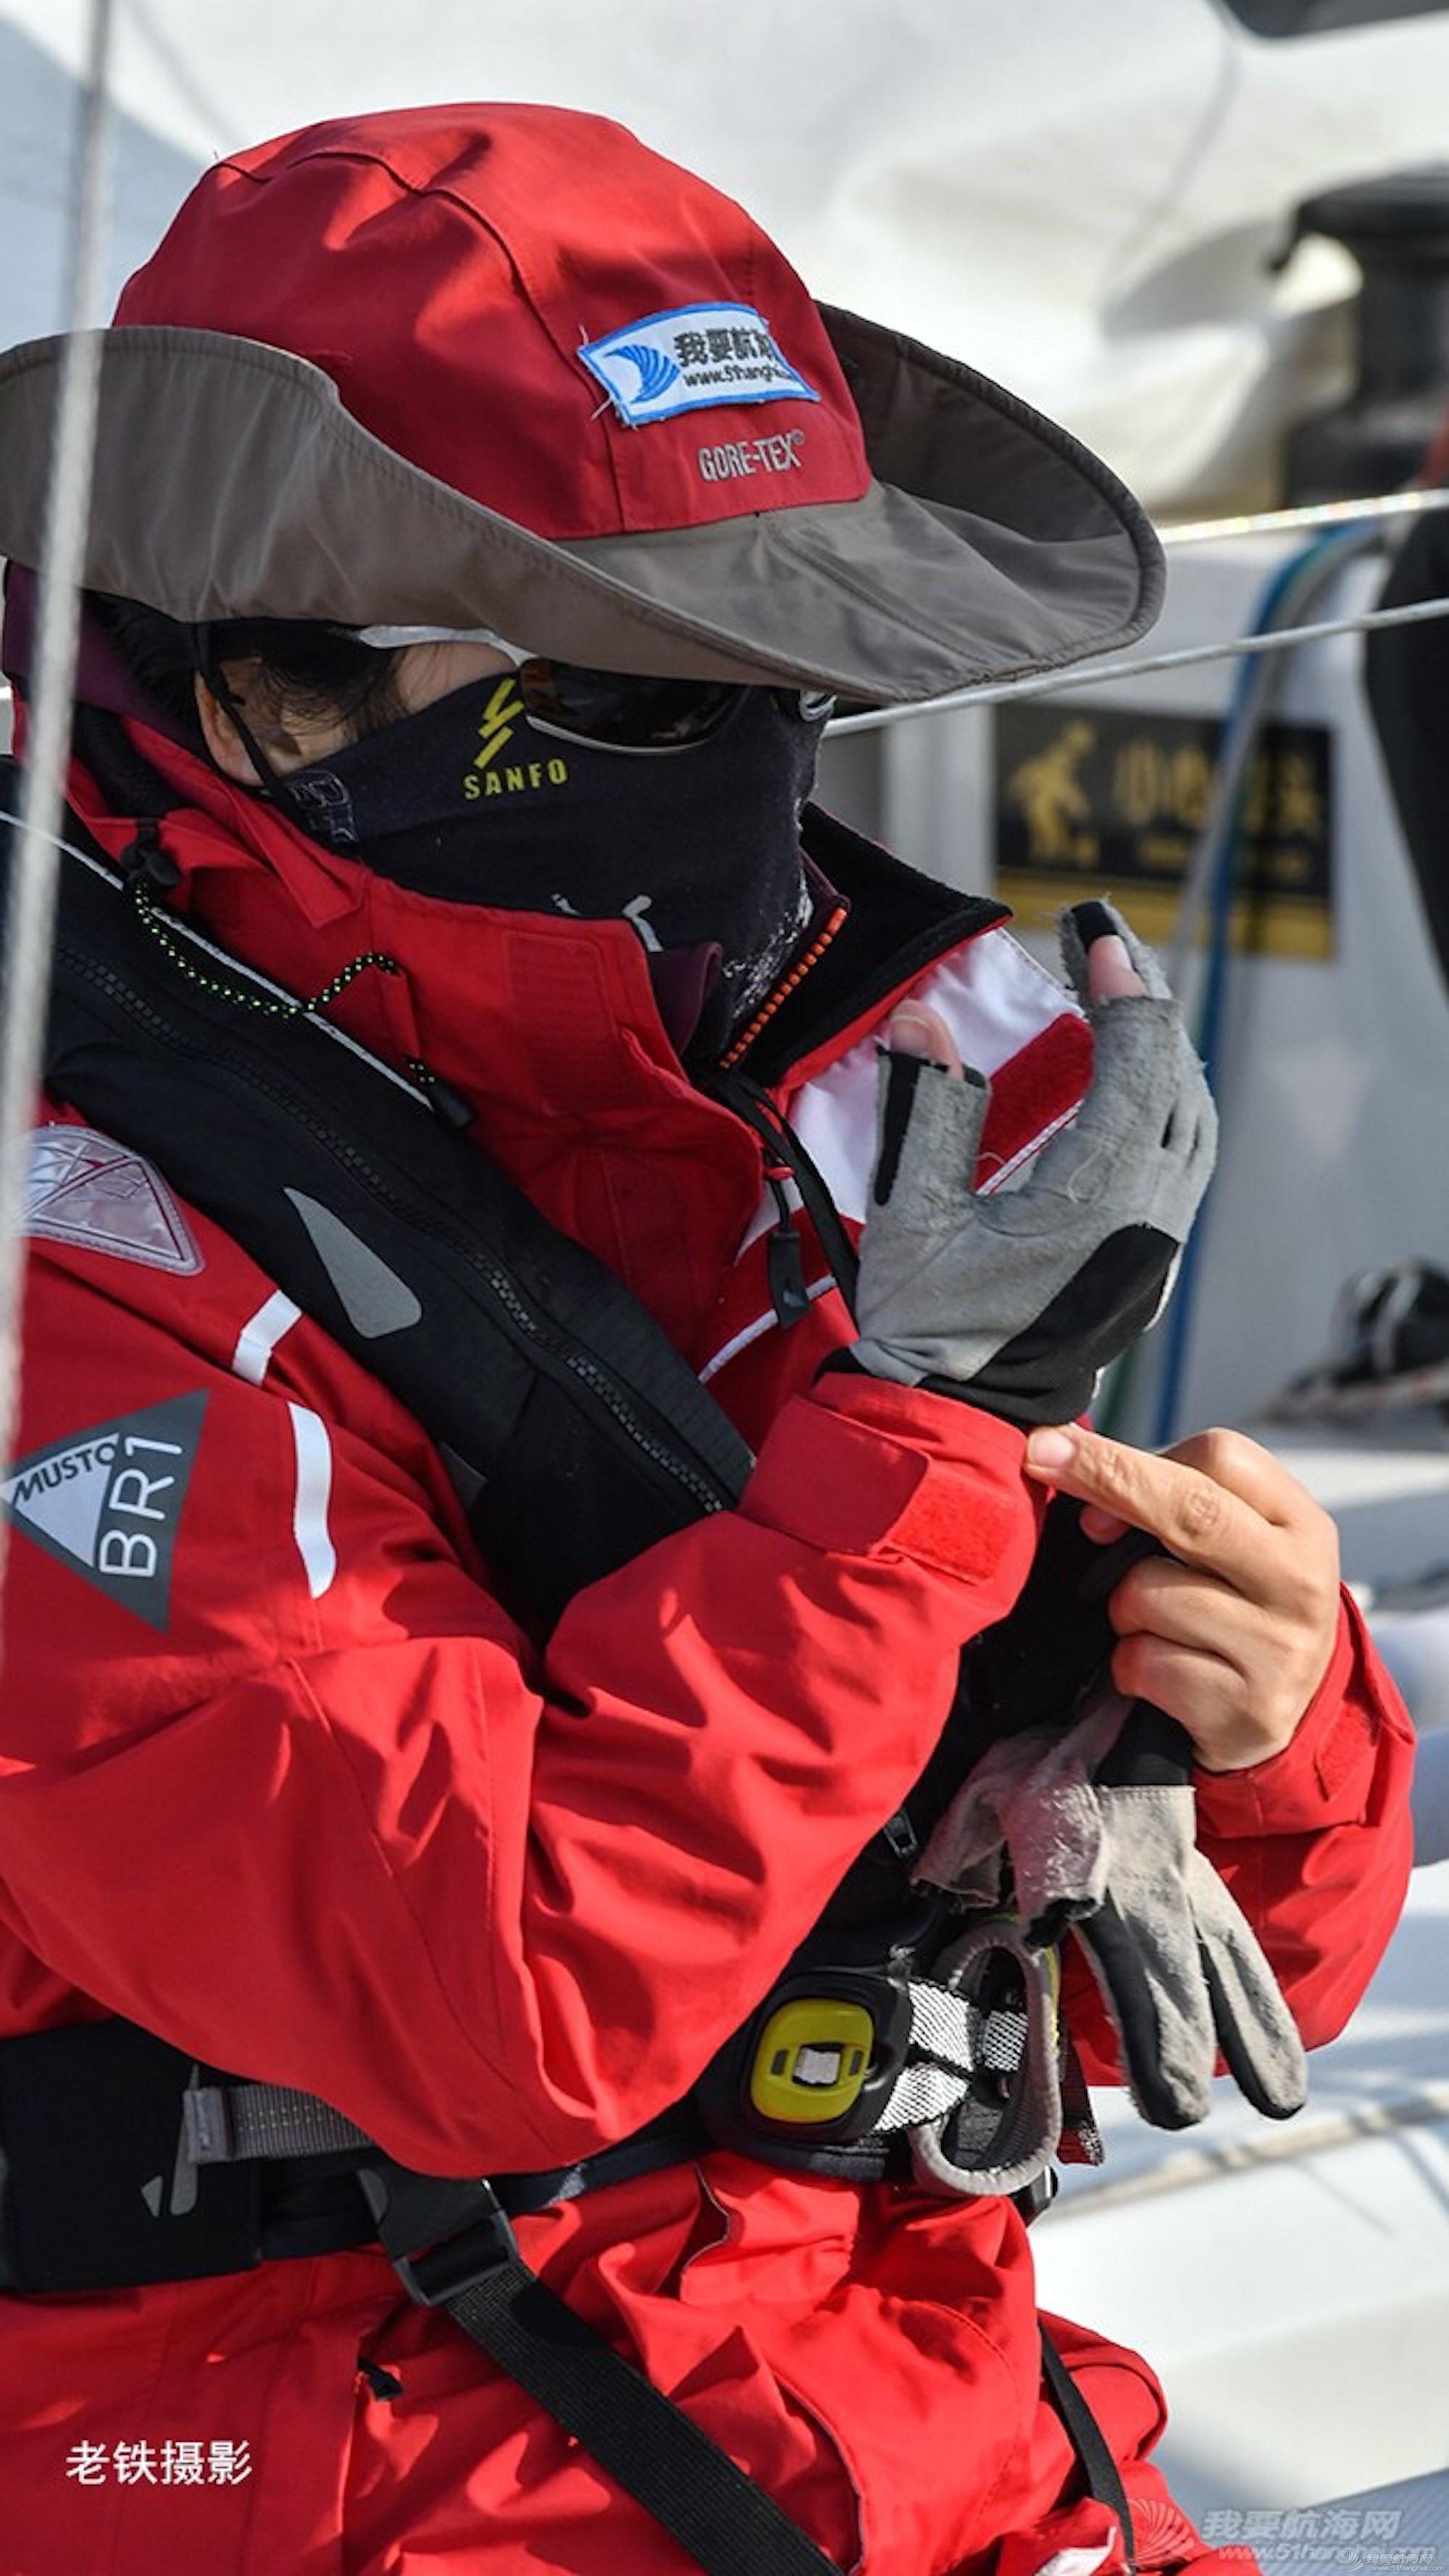 专业培训,胜利,青岛,黄海,大海 我是一名船长:扬帆起航 IMG_0217.JPG